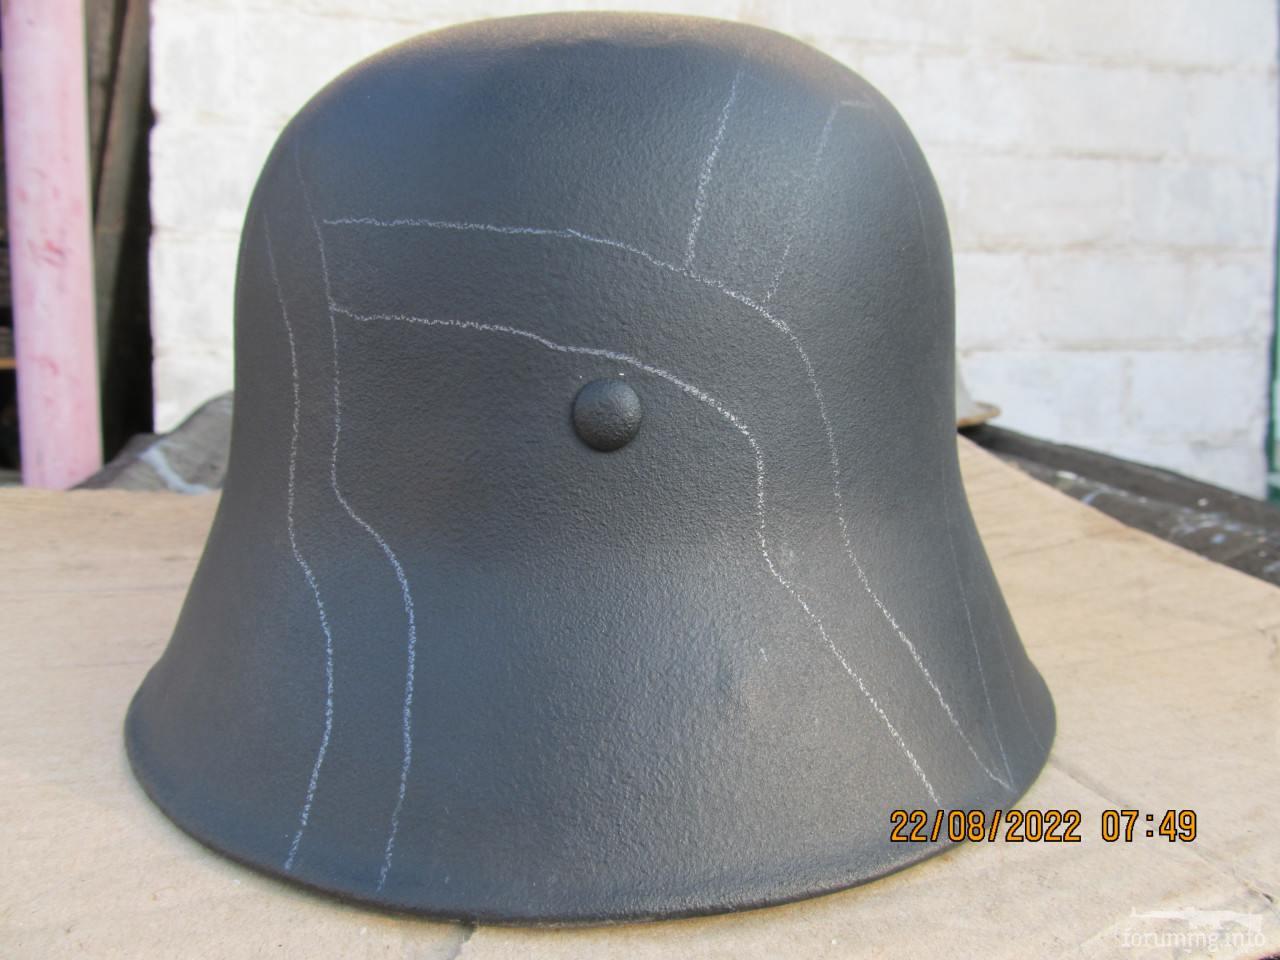 115897 - Было - стало (каски, аммуниция, униформа, предметы быта и прочее...)